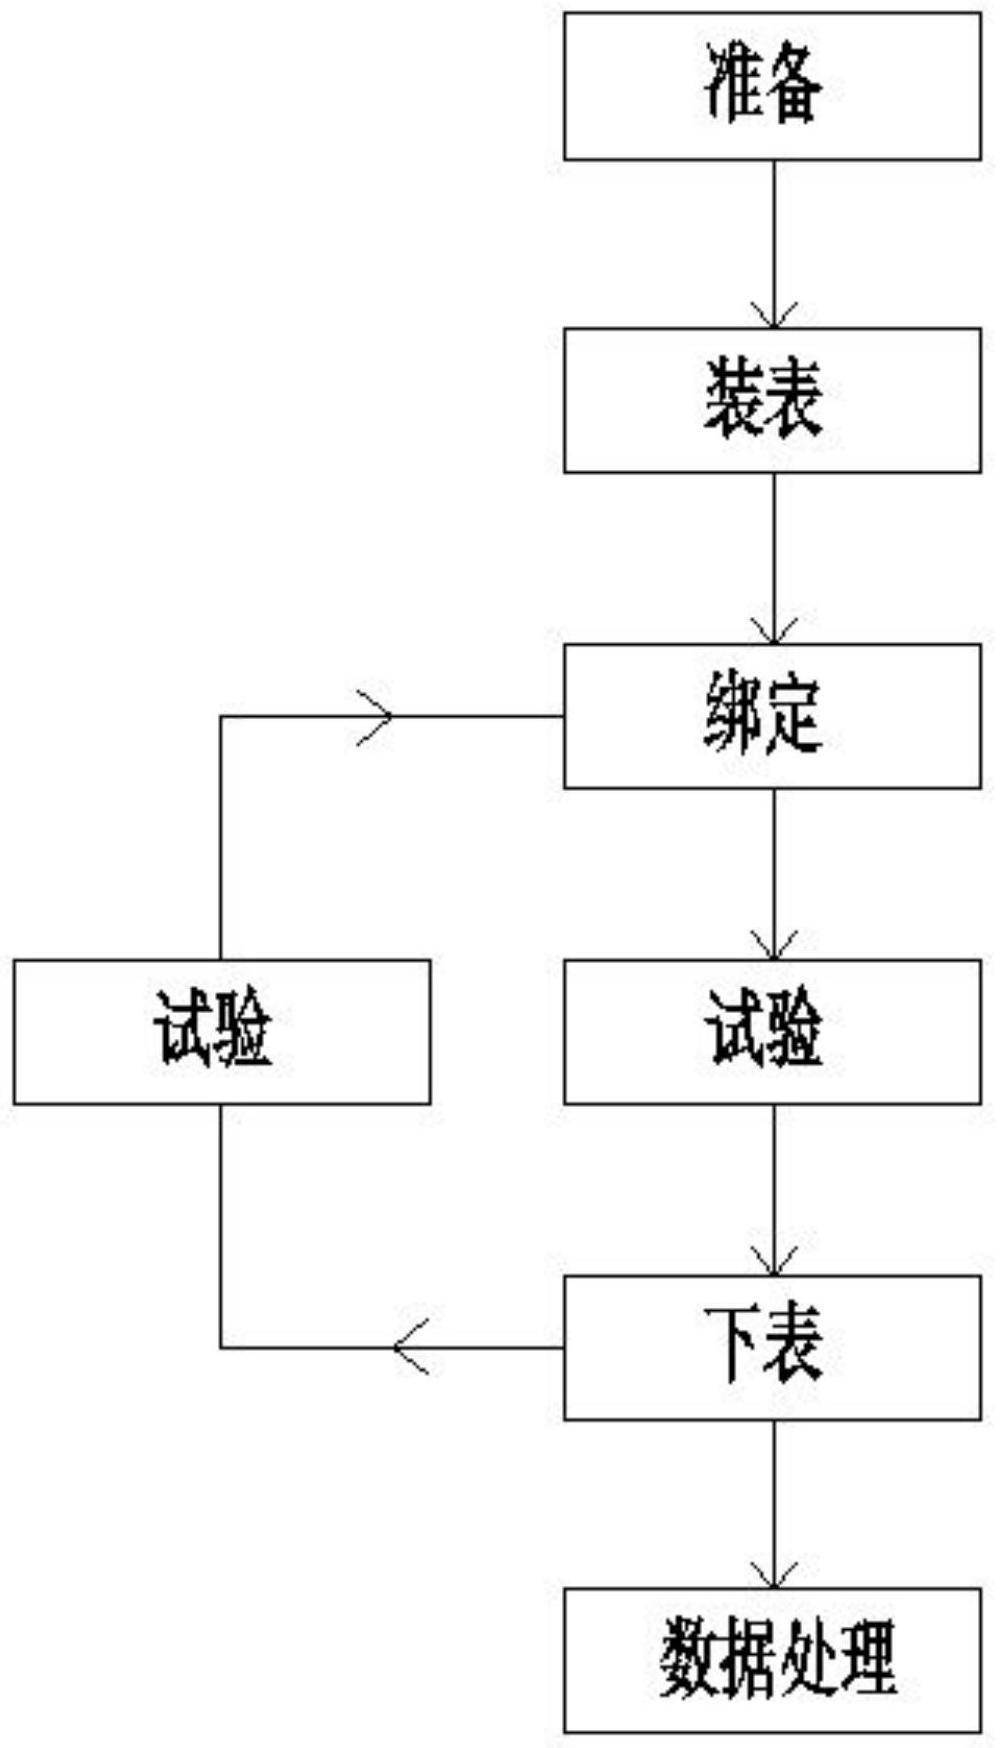 【仪表专利】用于三相智能电能表自动化检定系统的检定方法